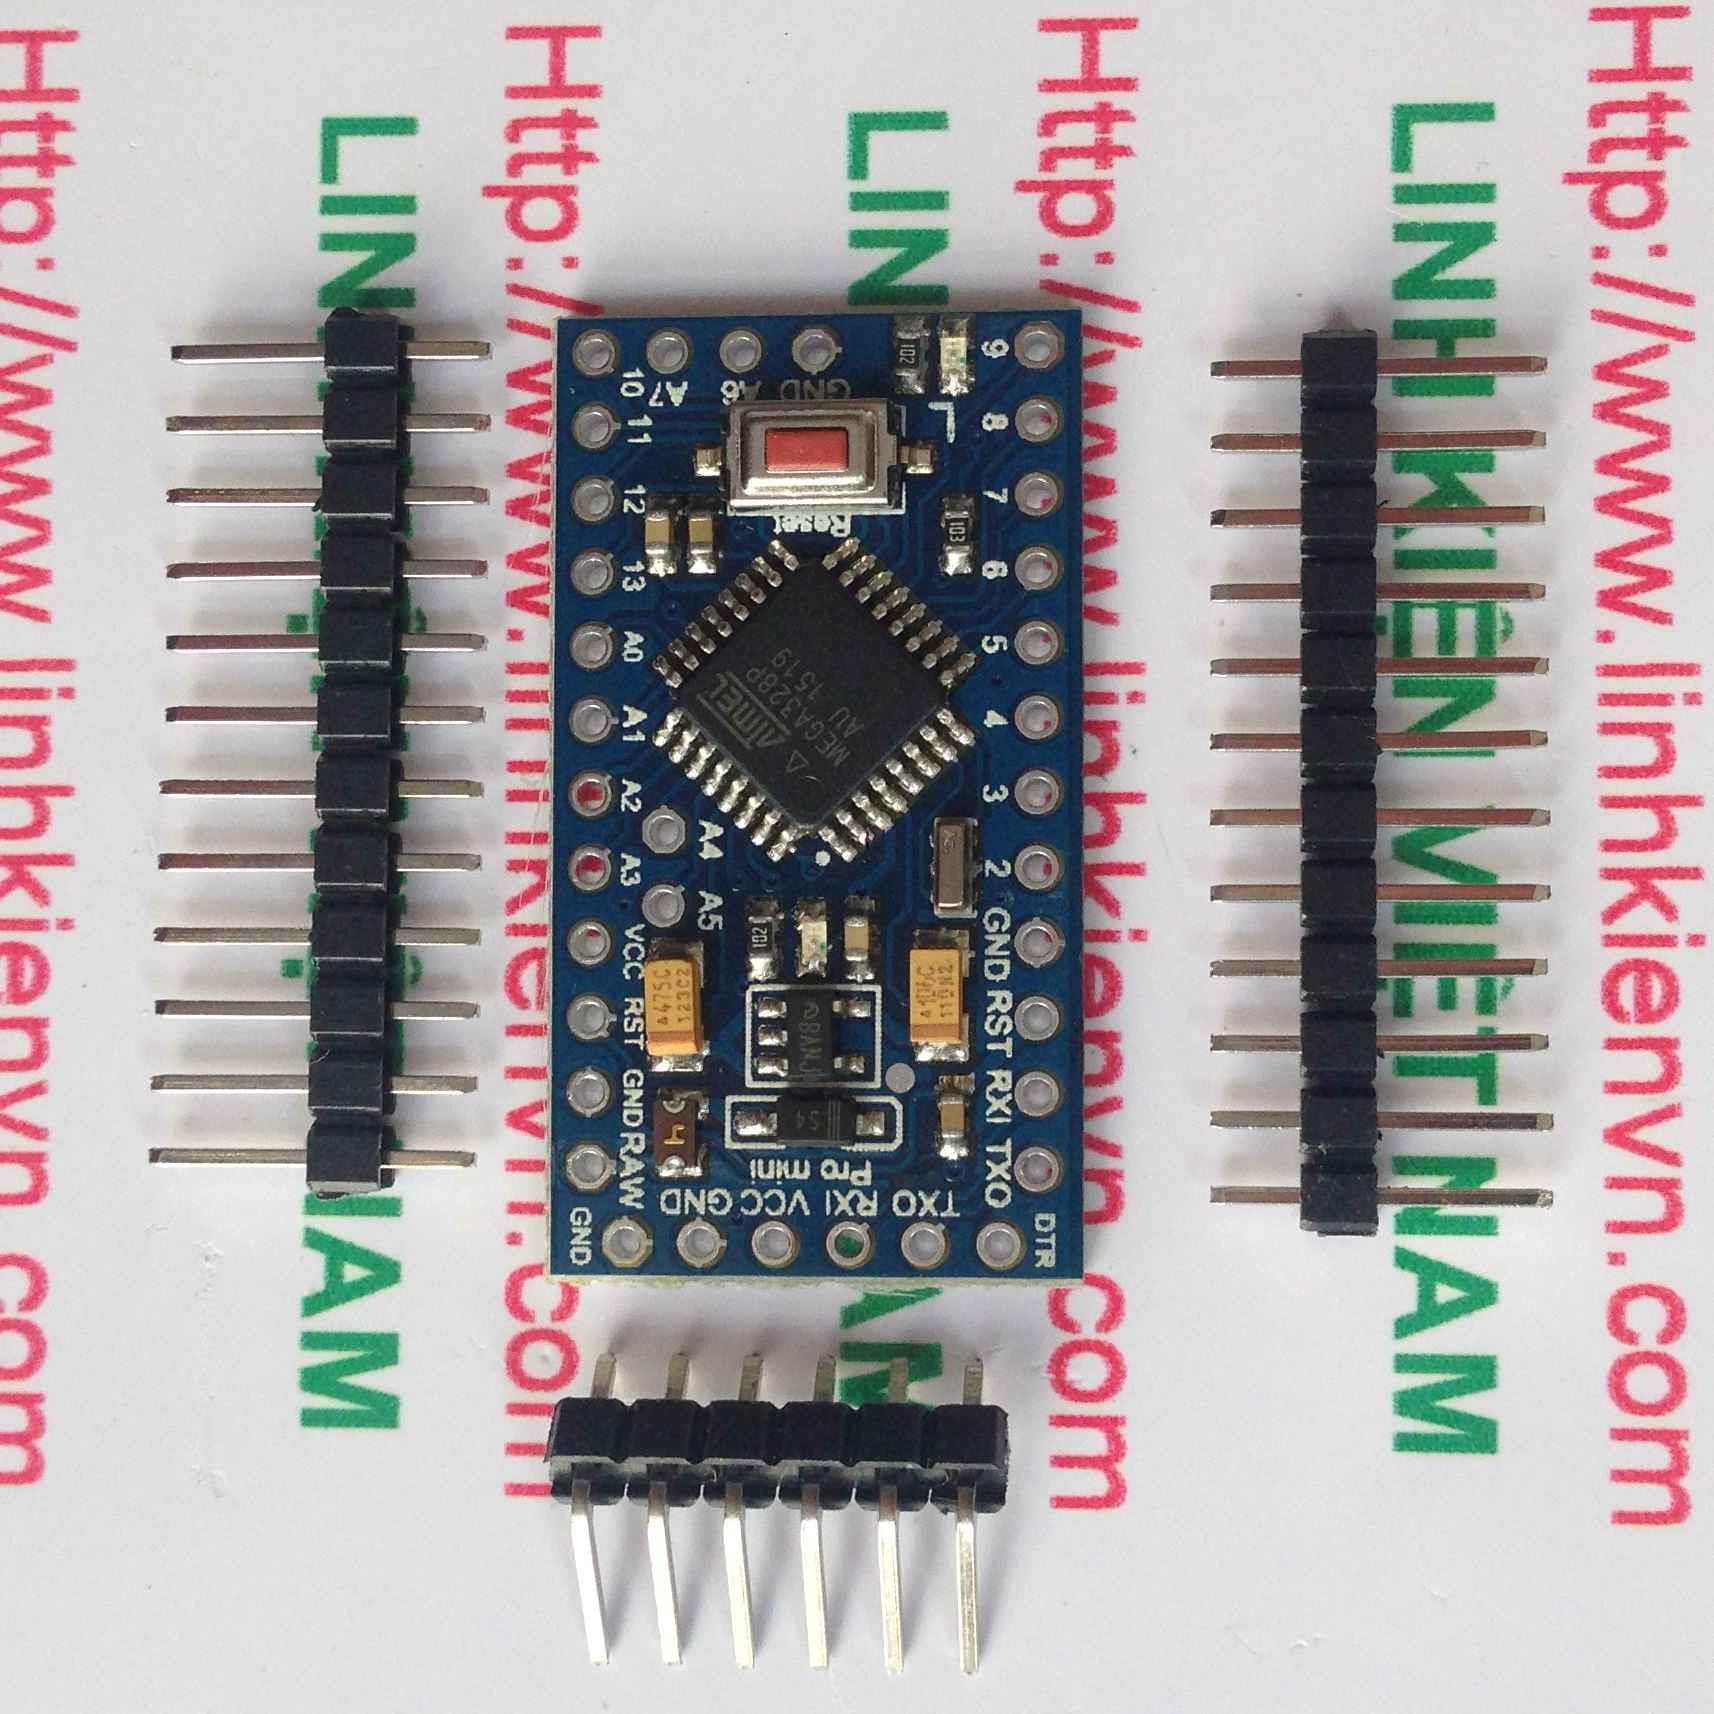 KIT ARDUINO Pro Mini - B3H5